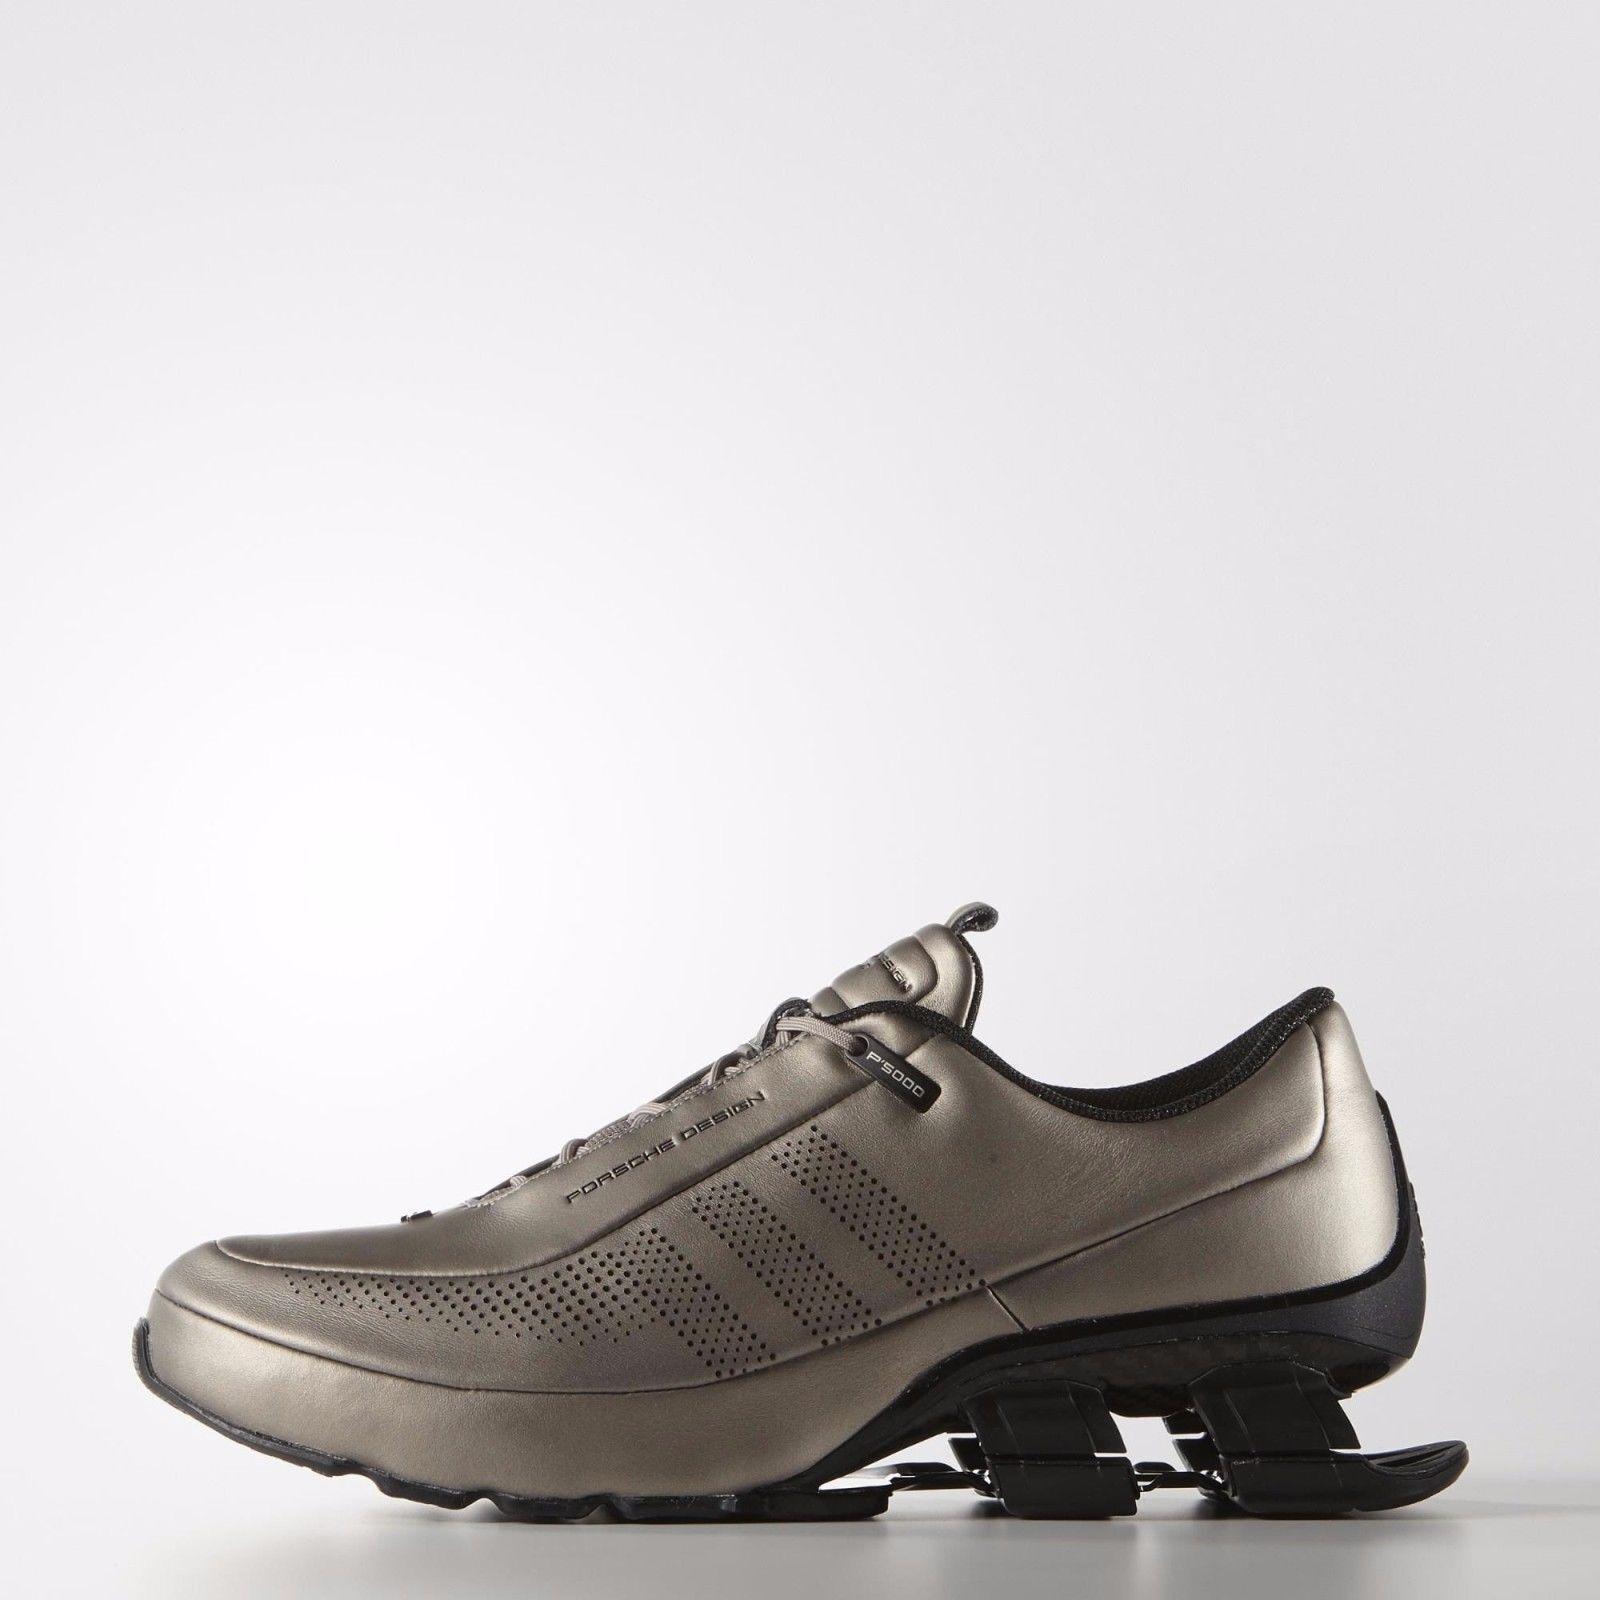 Adidas PORSCHE DESIGN Deporte Bounce Limitada S4 Cuero 5000 B34167 Limitada Bounce Bronce Raro 325a7d